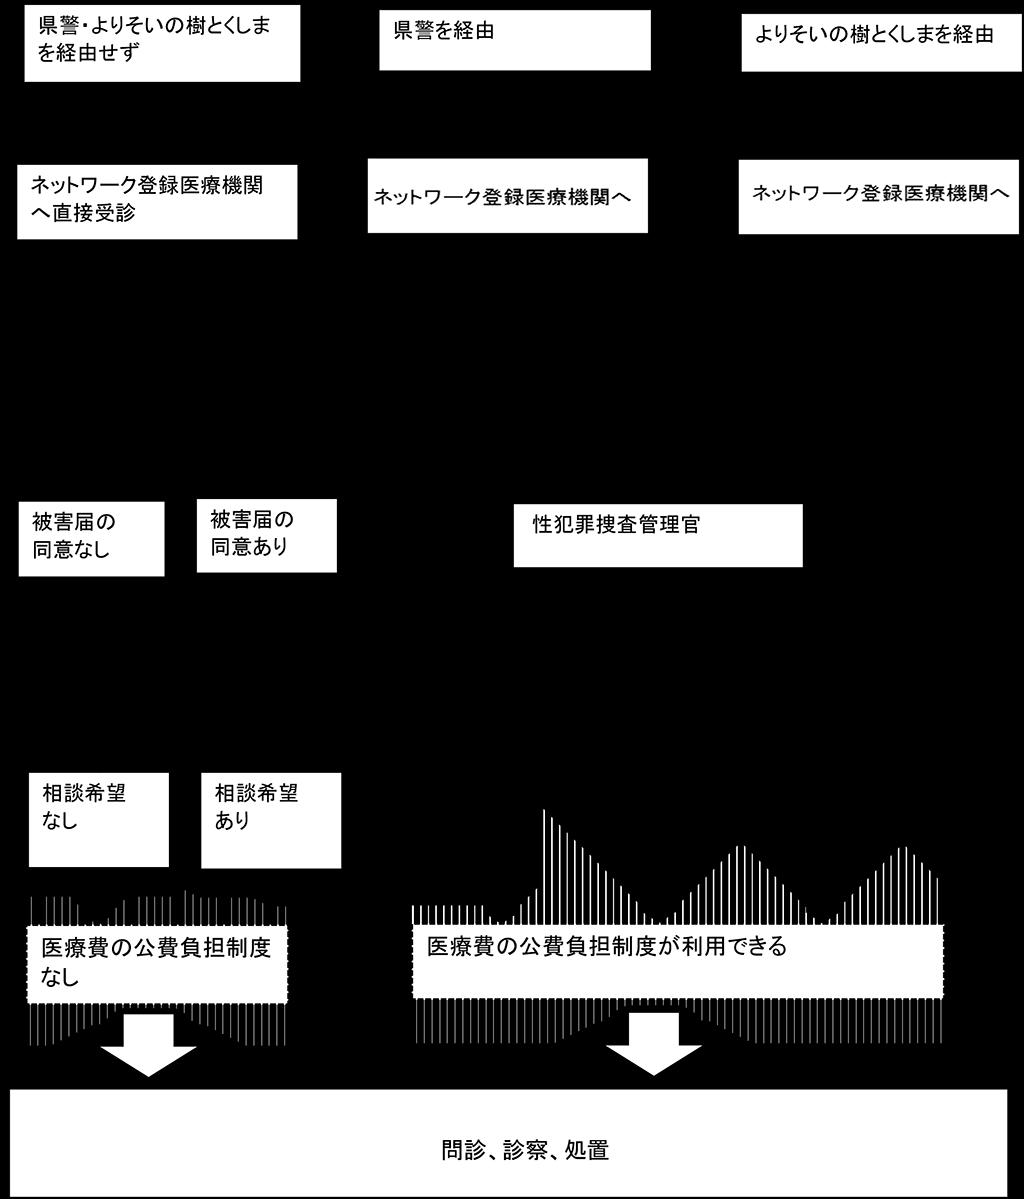 対応へのフローチャート図